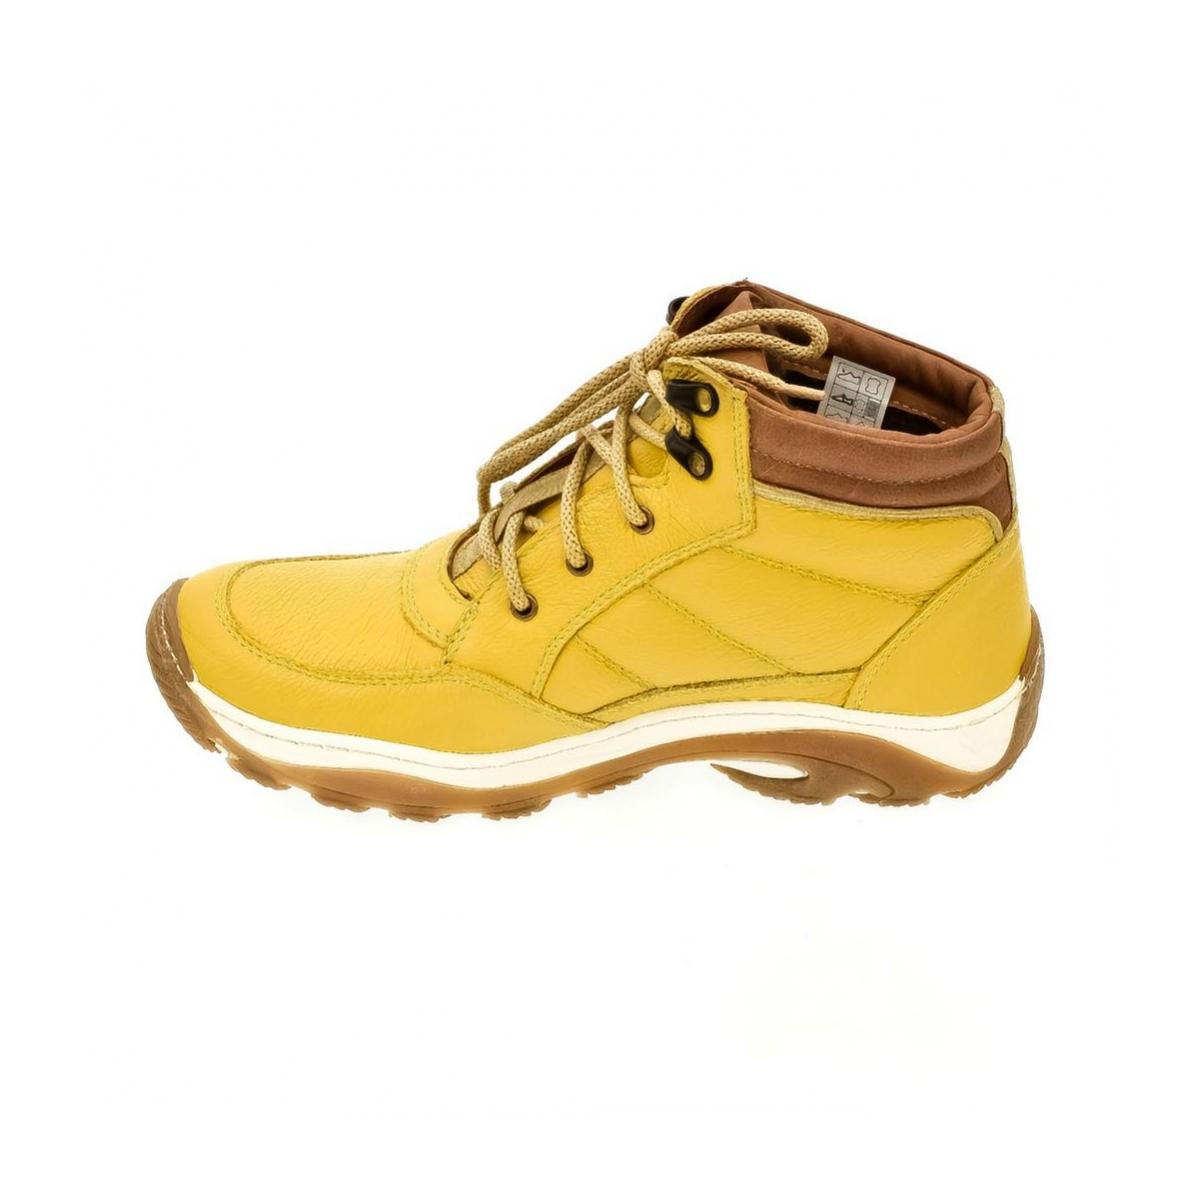 1fe0dee0e3a2 Pánske žlté kožené topánky CANO - 5